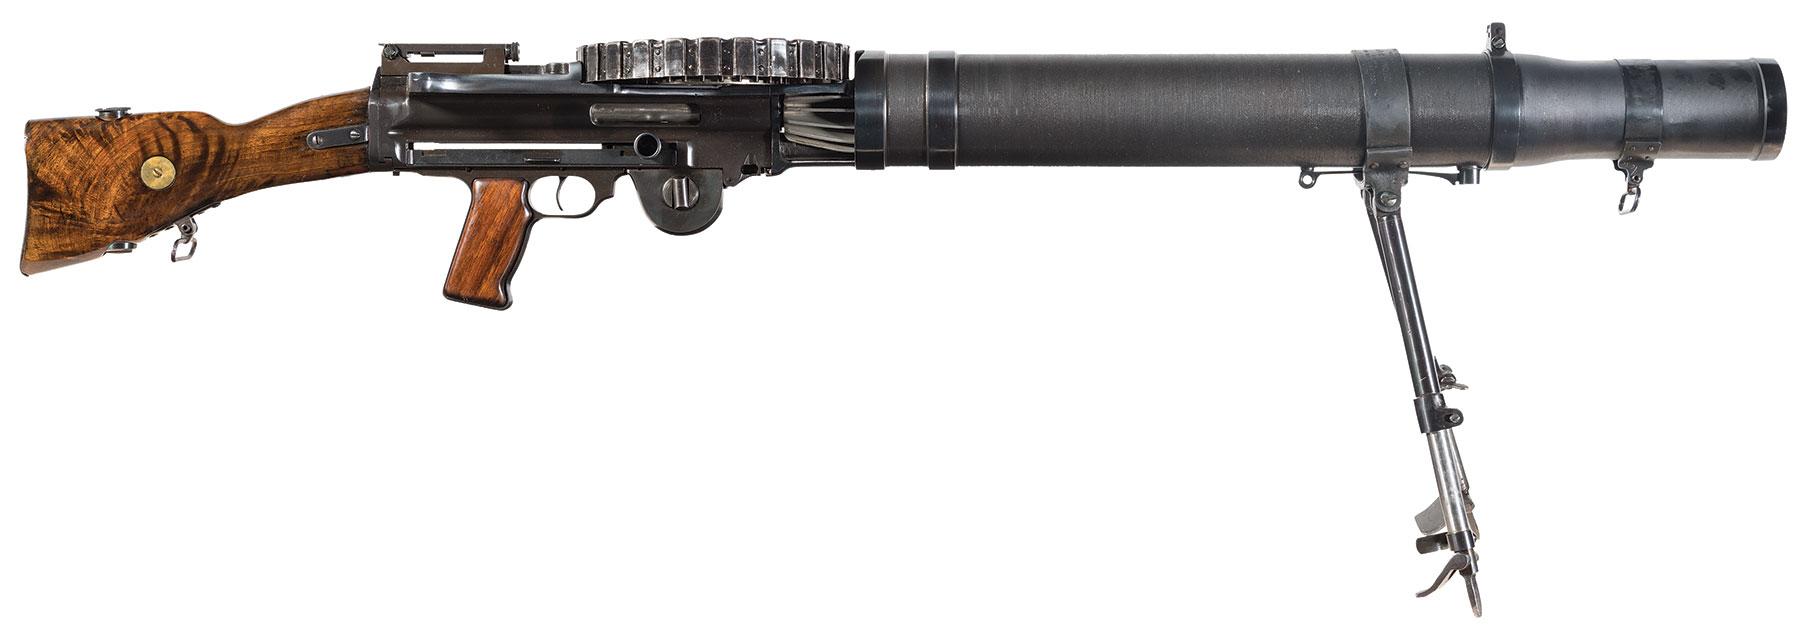 BSA - M1914 Class III/NFA Lewis Light Machine Gun